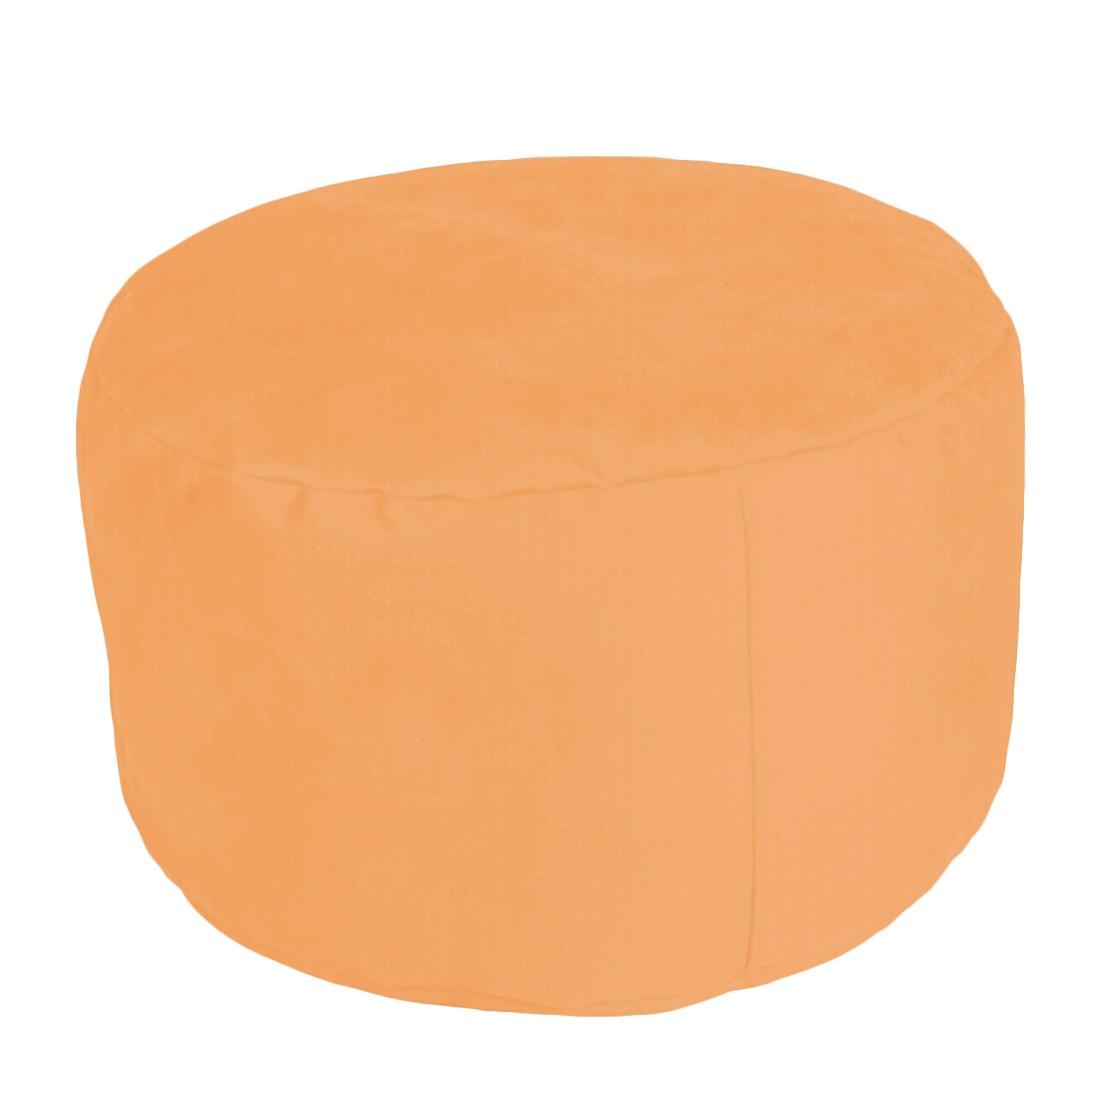 Pouf Alka Light orange klein – 40 x 40 cm, KC-Handel online kaufen